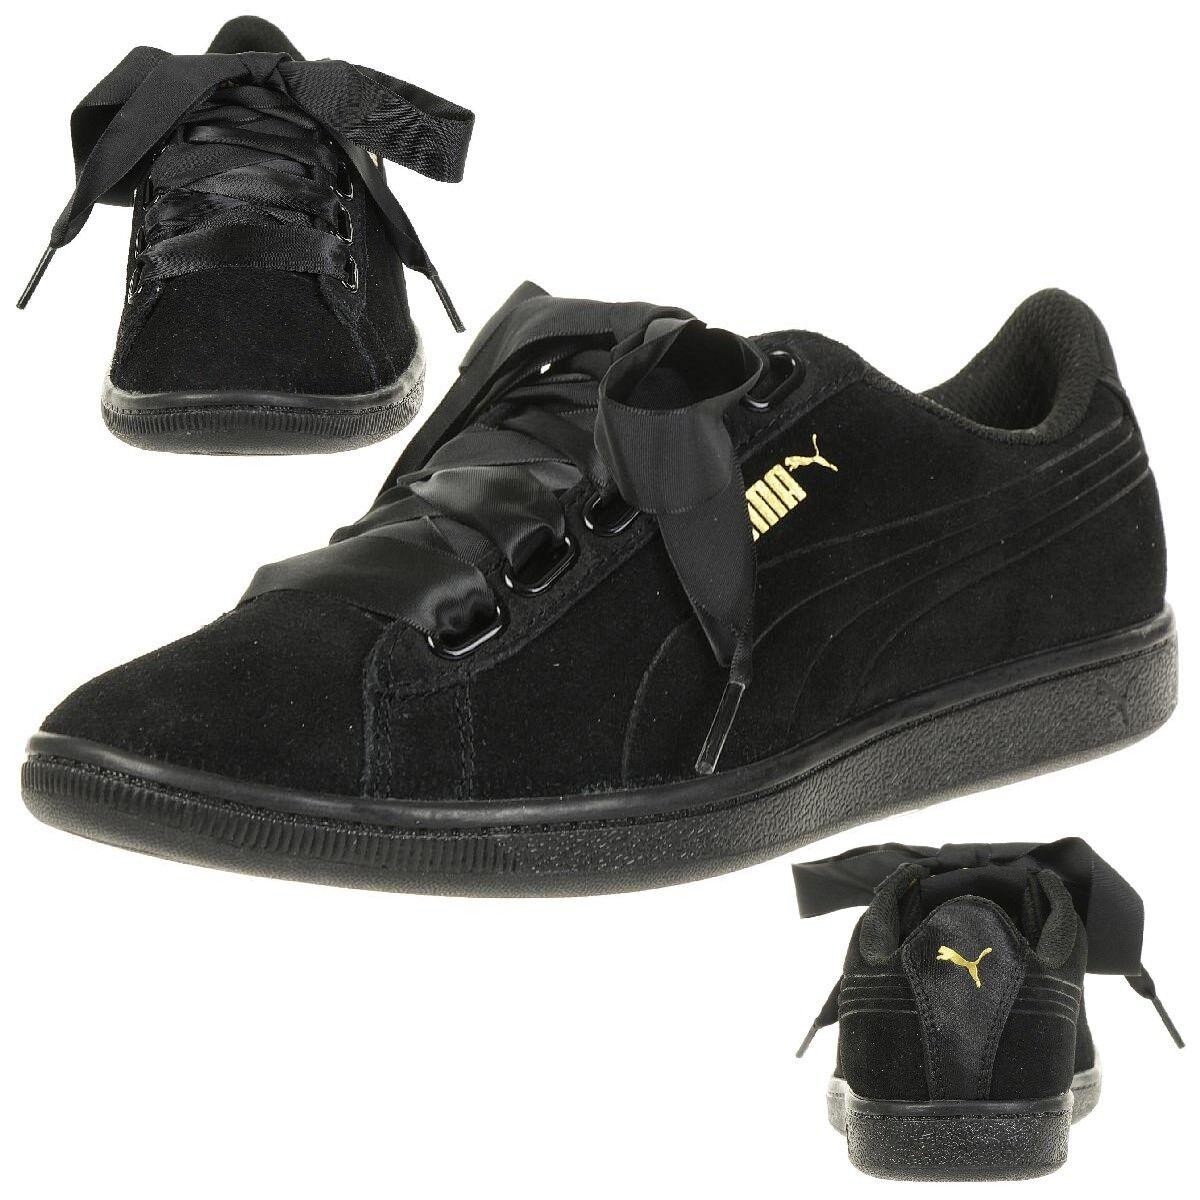 Los zapatos más populares para hombres y mujeres Puma Vikky Cinta S Zapatillas Zapatos Mujer 366416 01 Negro